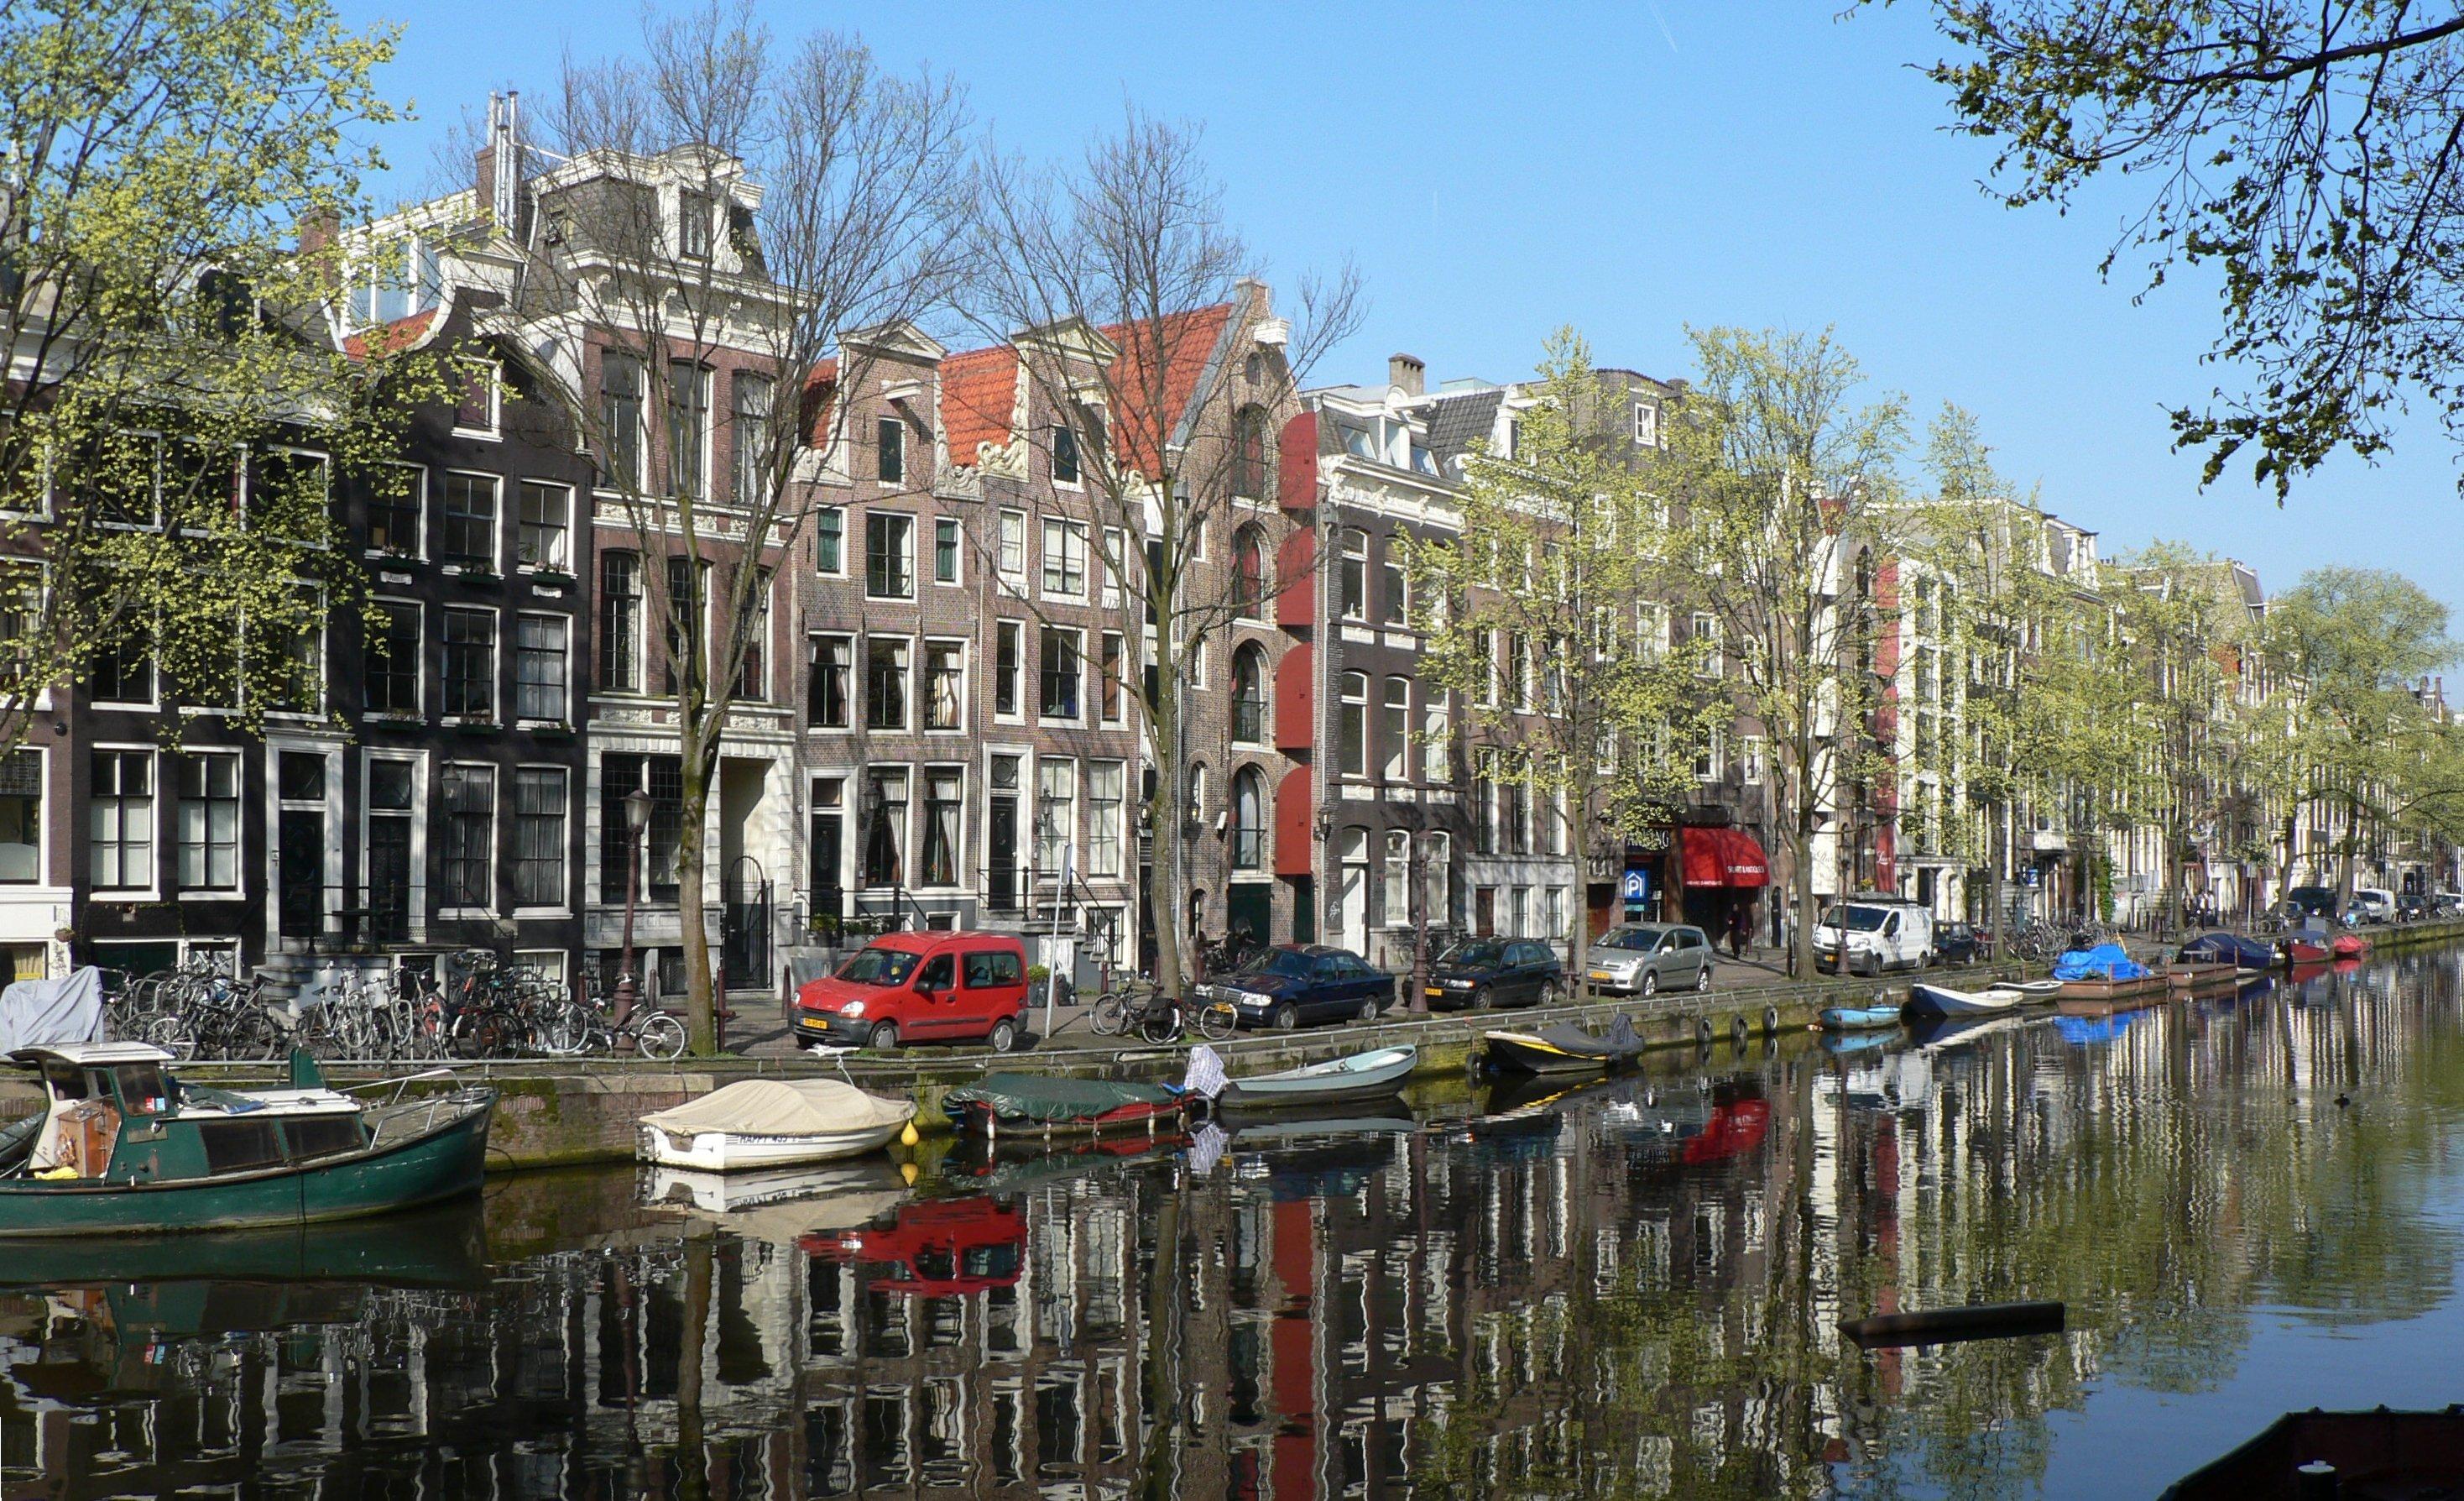 زيارة إلى مدينة أمستردام اكثر الوجهات السياحية الشعبية 1548035568